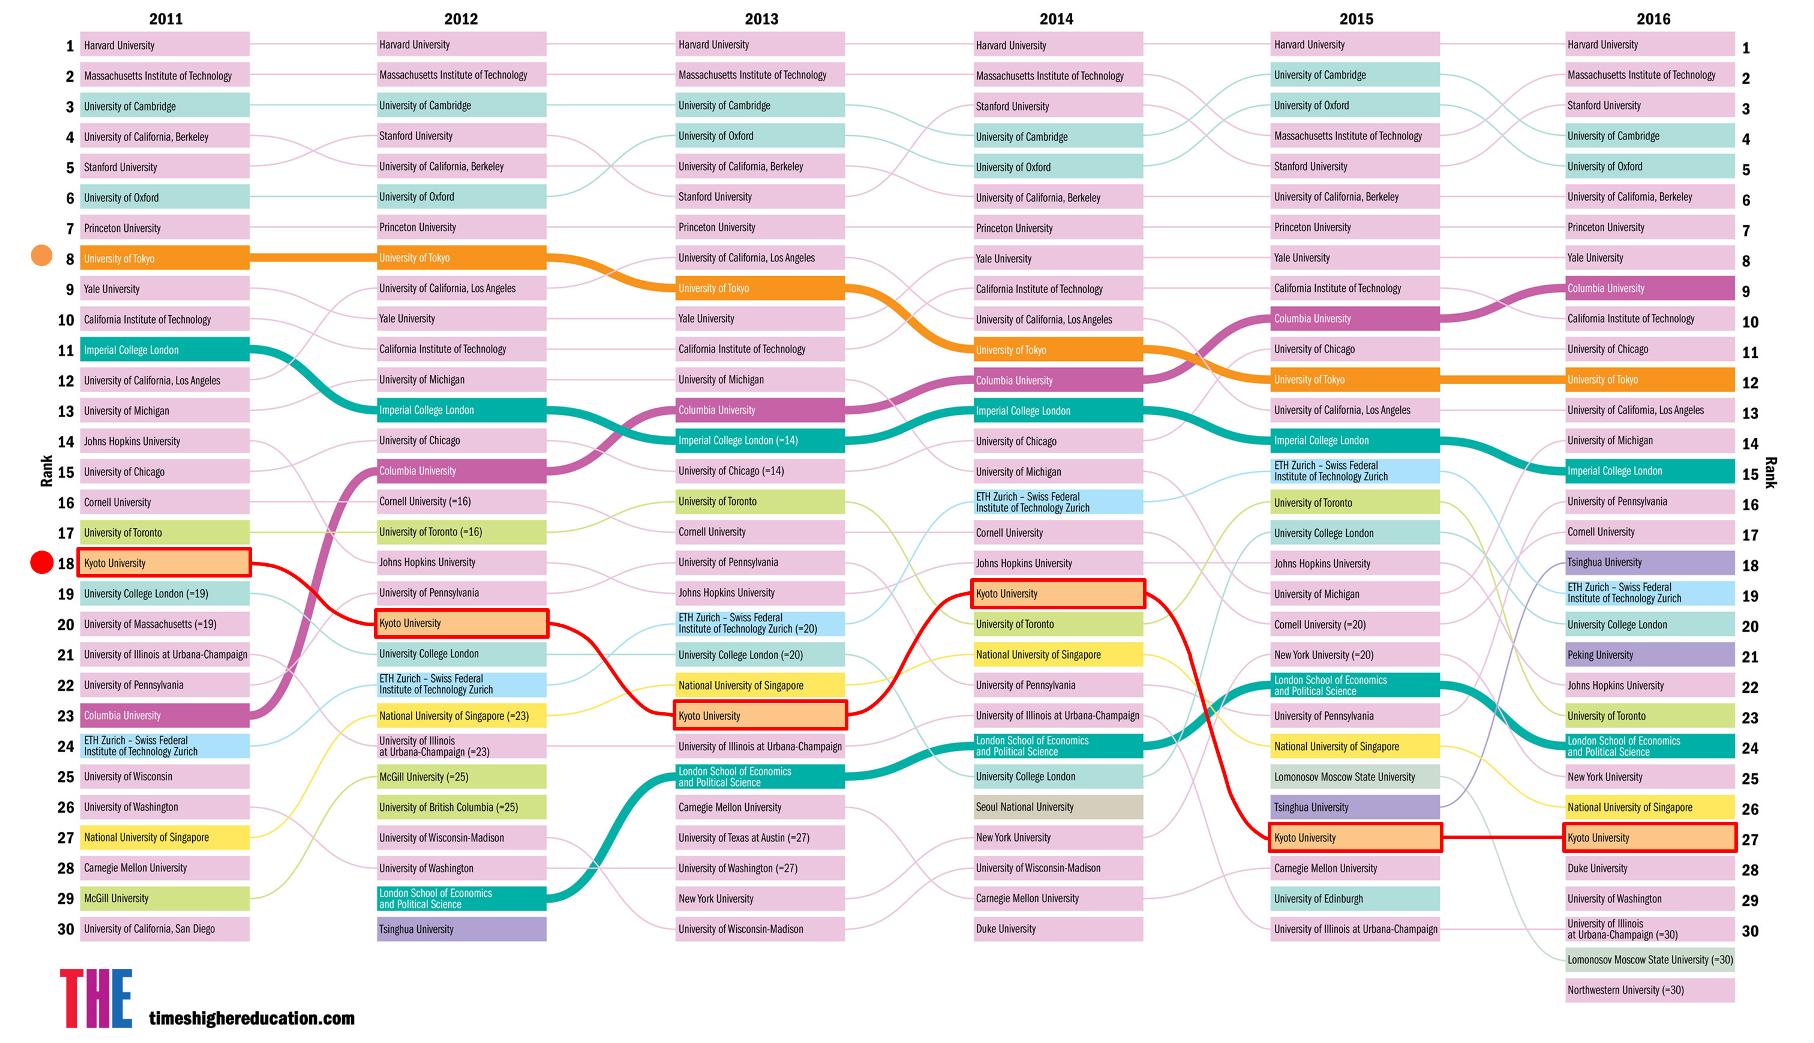 世界名門大学ランキングトップ30の6年間の変遷